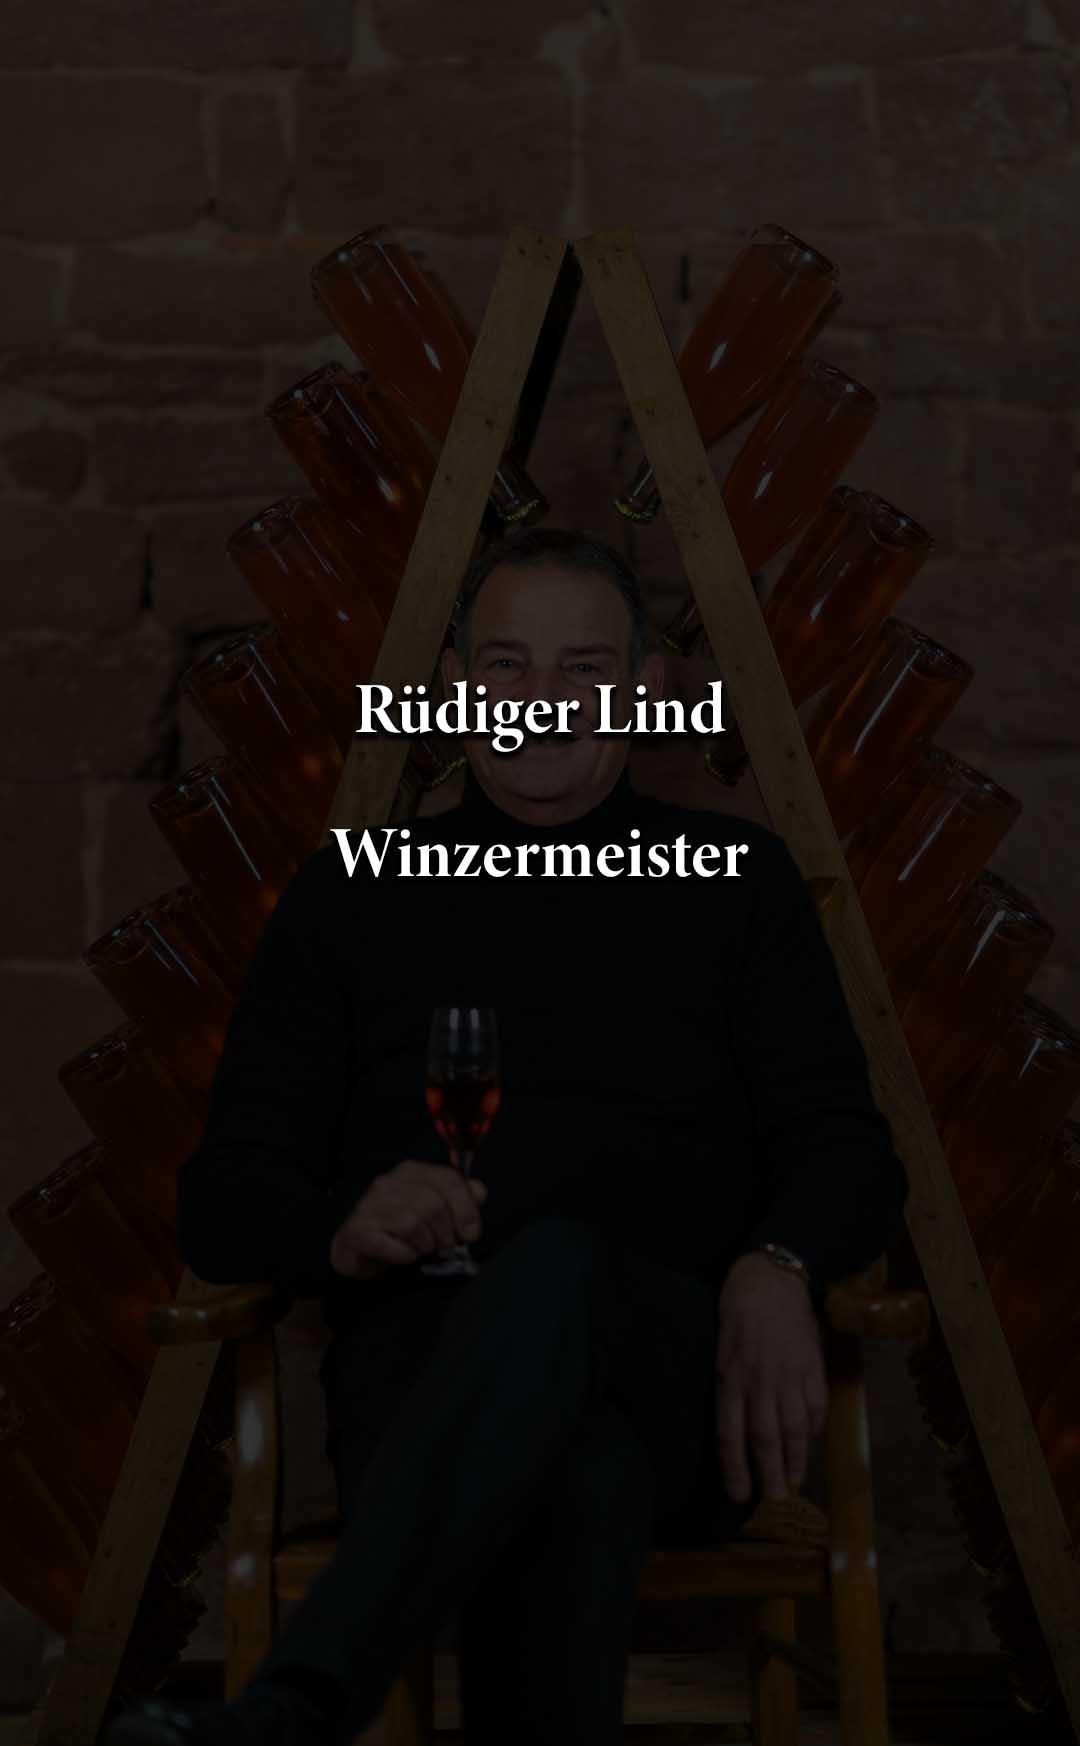 Ruediger_schwarz